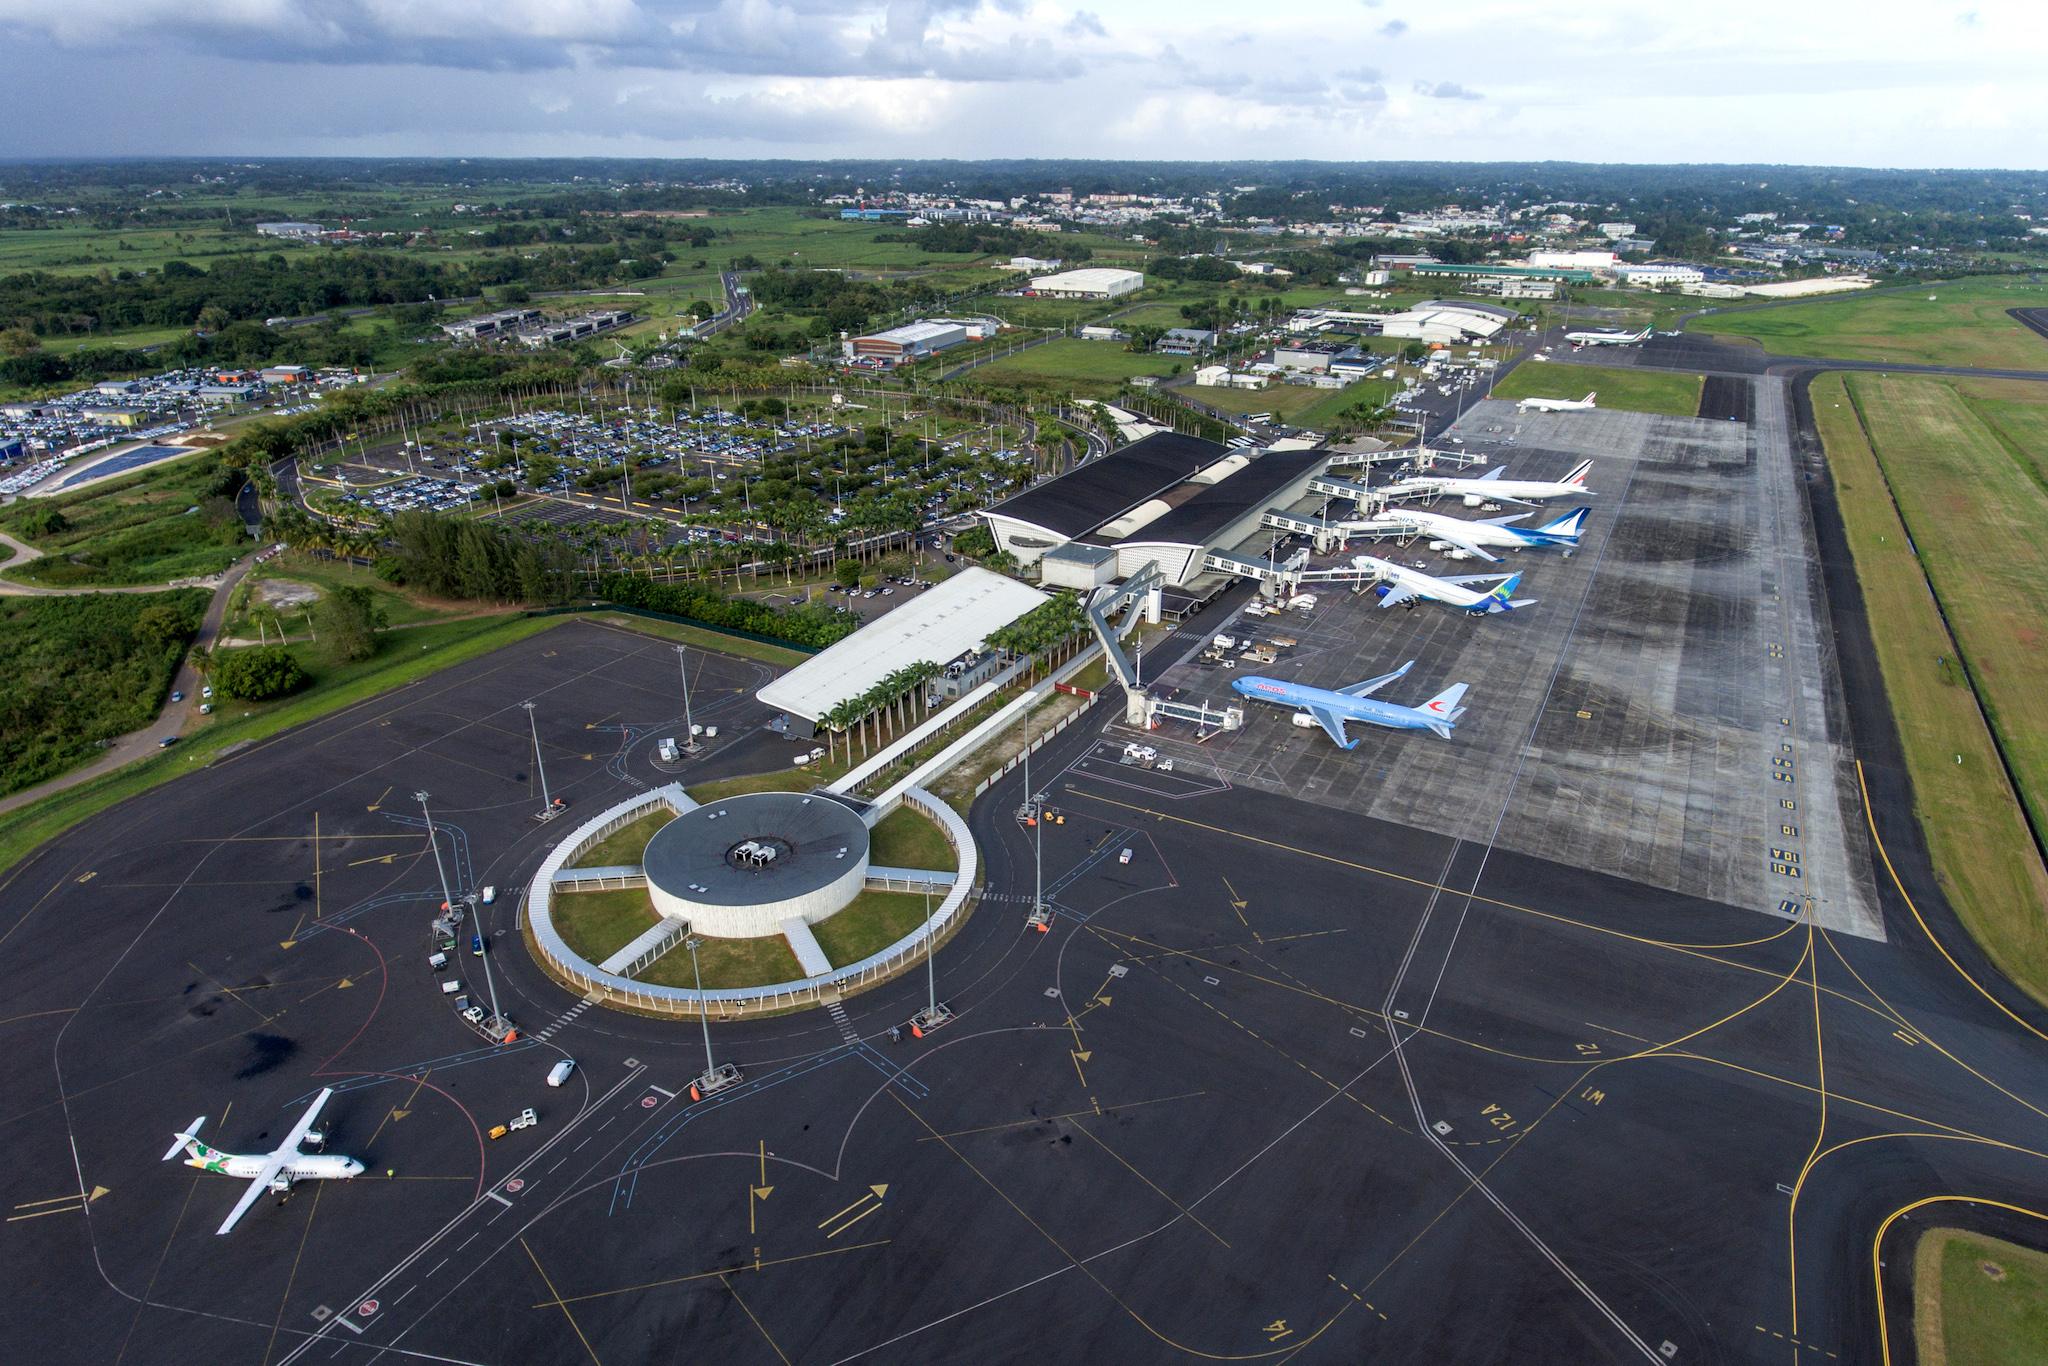 Aéroport de Guadeloupe : les bons chiffres se maintiennent